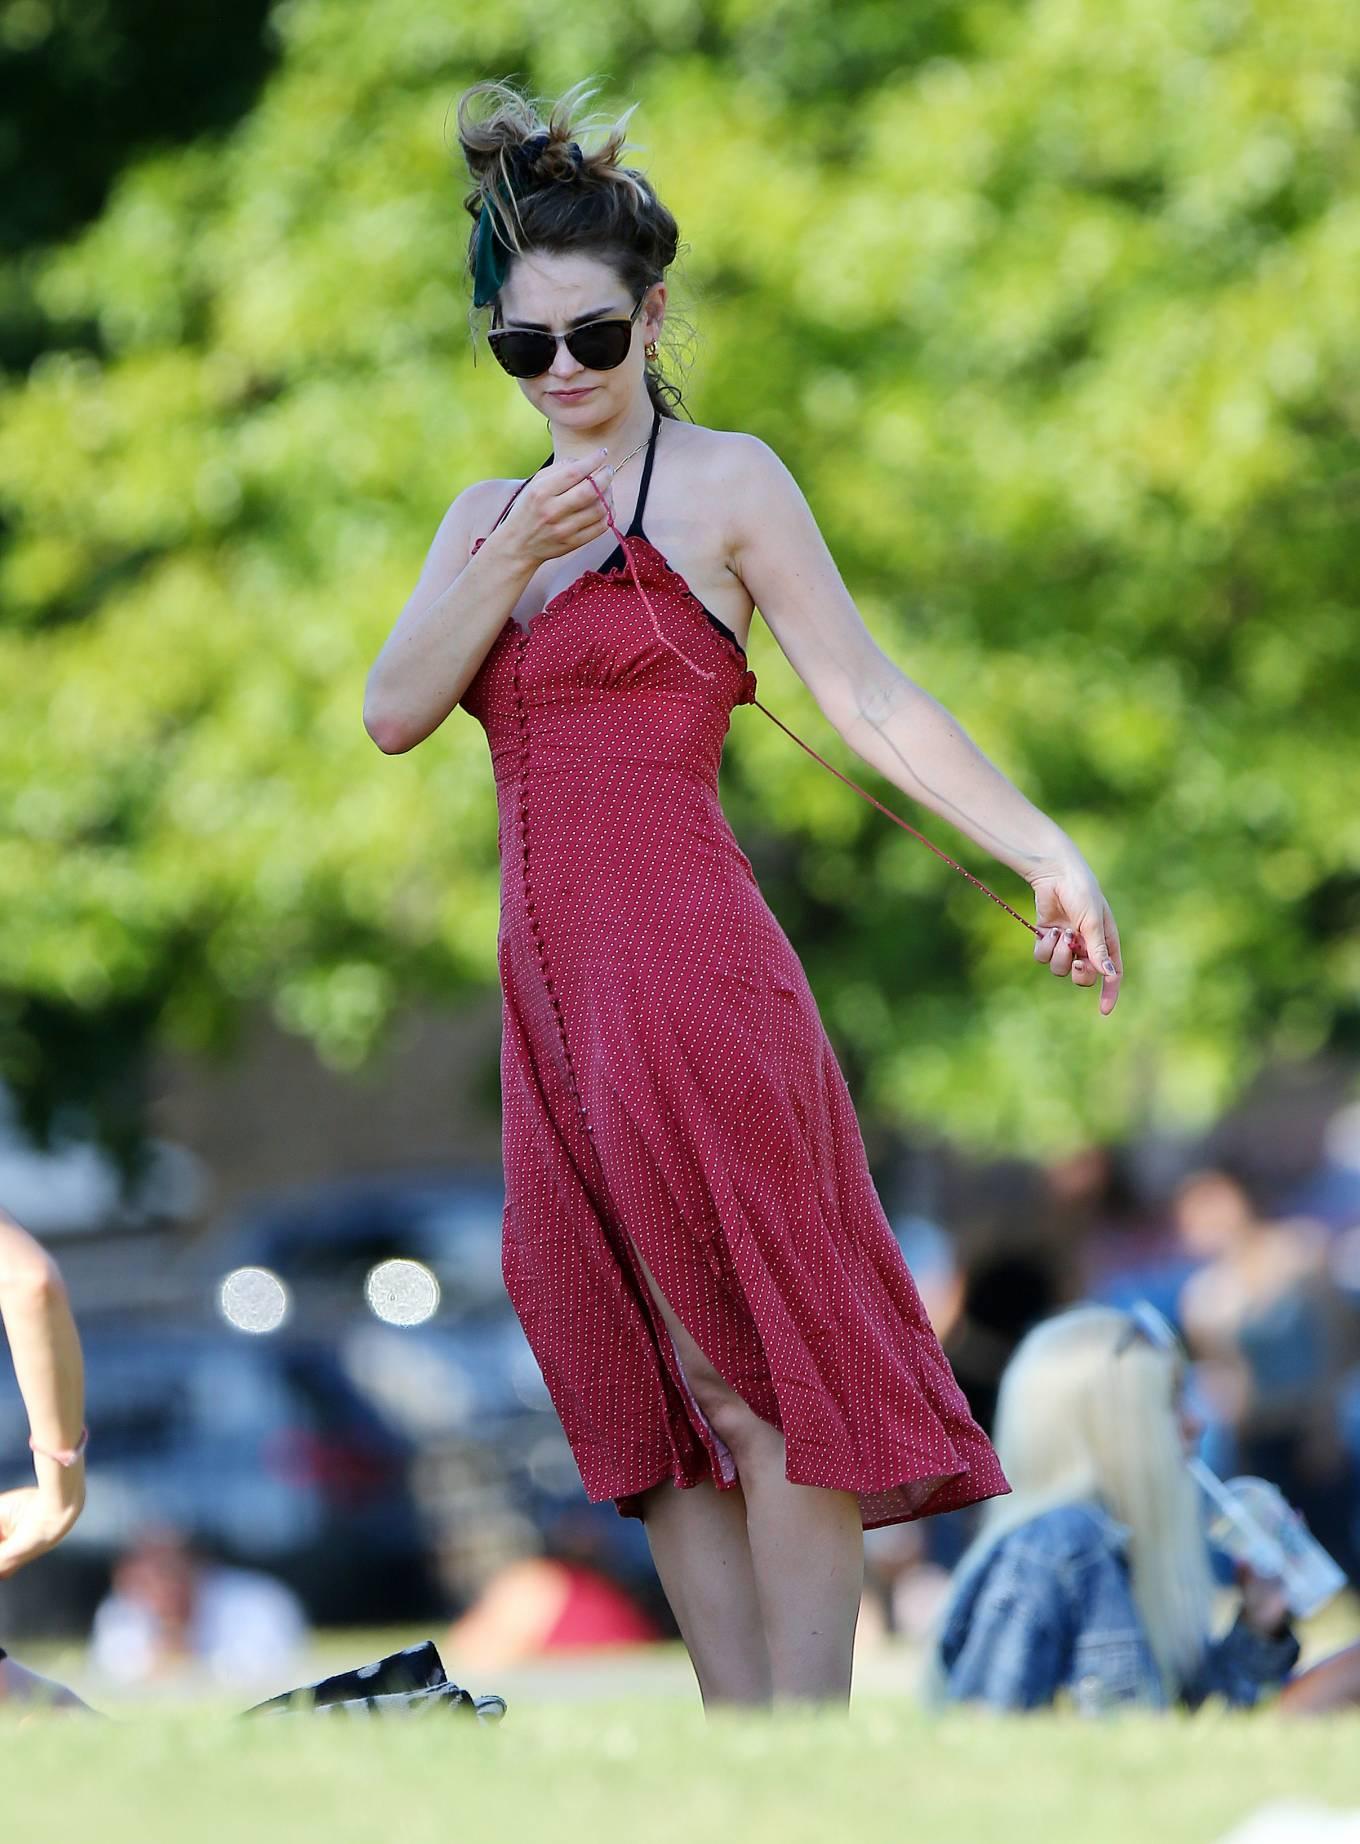 Lily James 2020 : Lily James in Black Bikini 2020-11